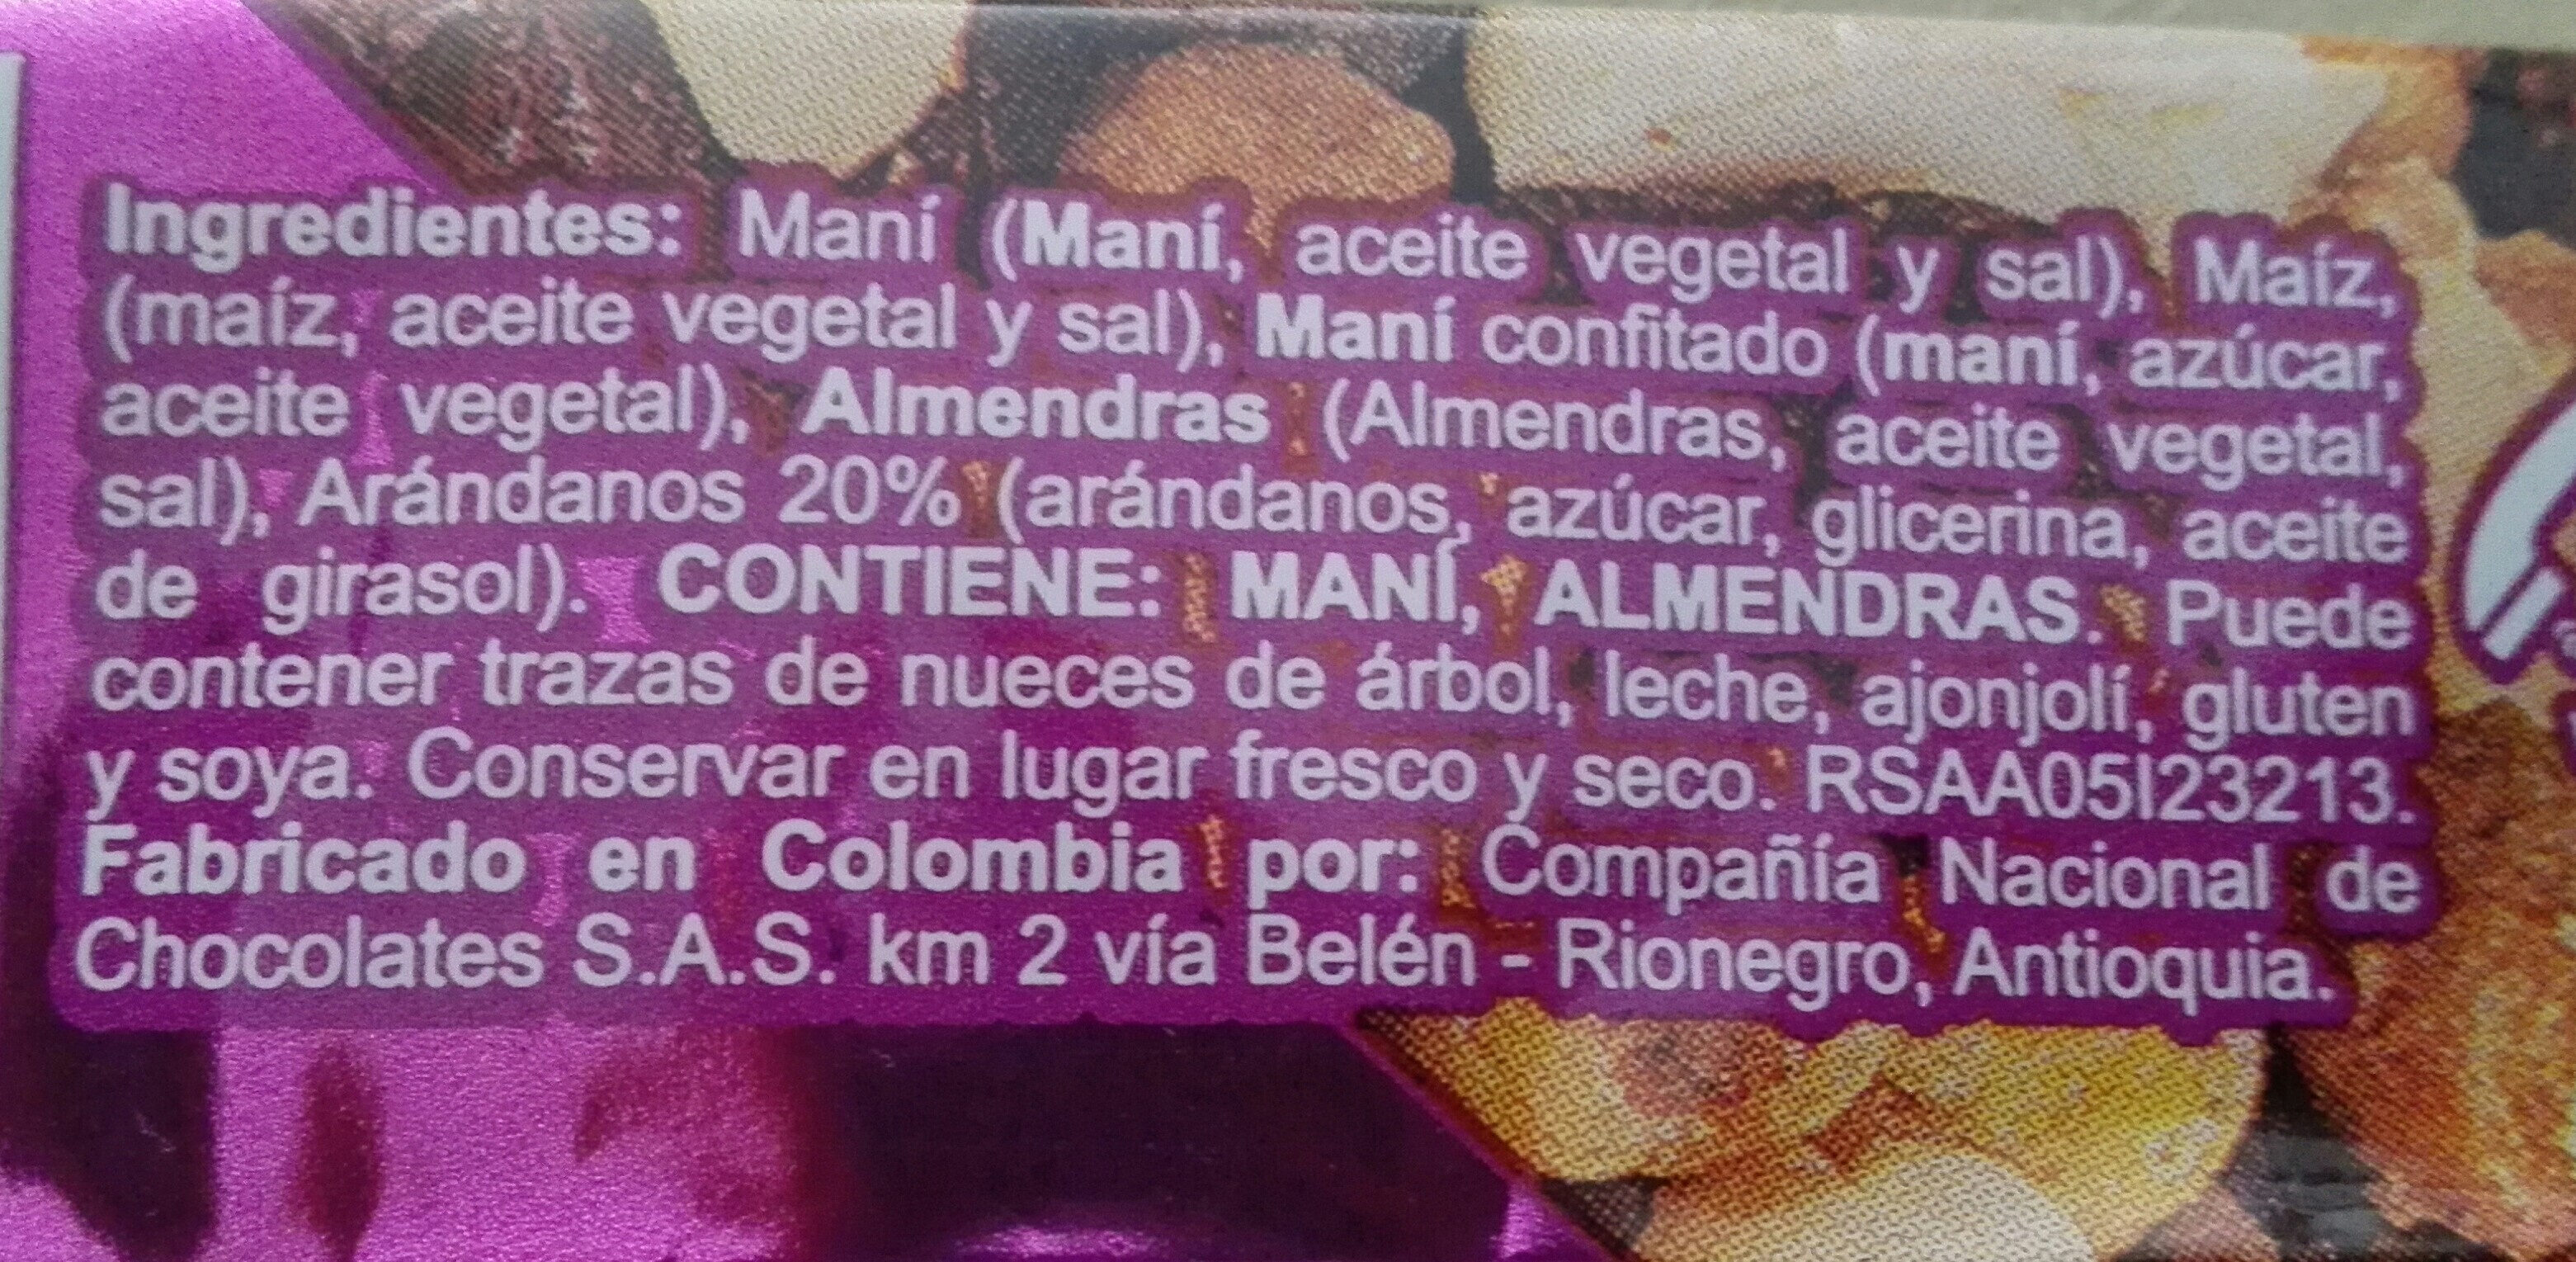 Mezcla de maní con sal, maíz tostado, maní confitado, almendras y arándanos - Ingredients - es